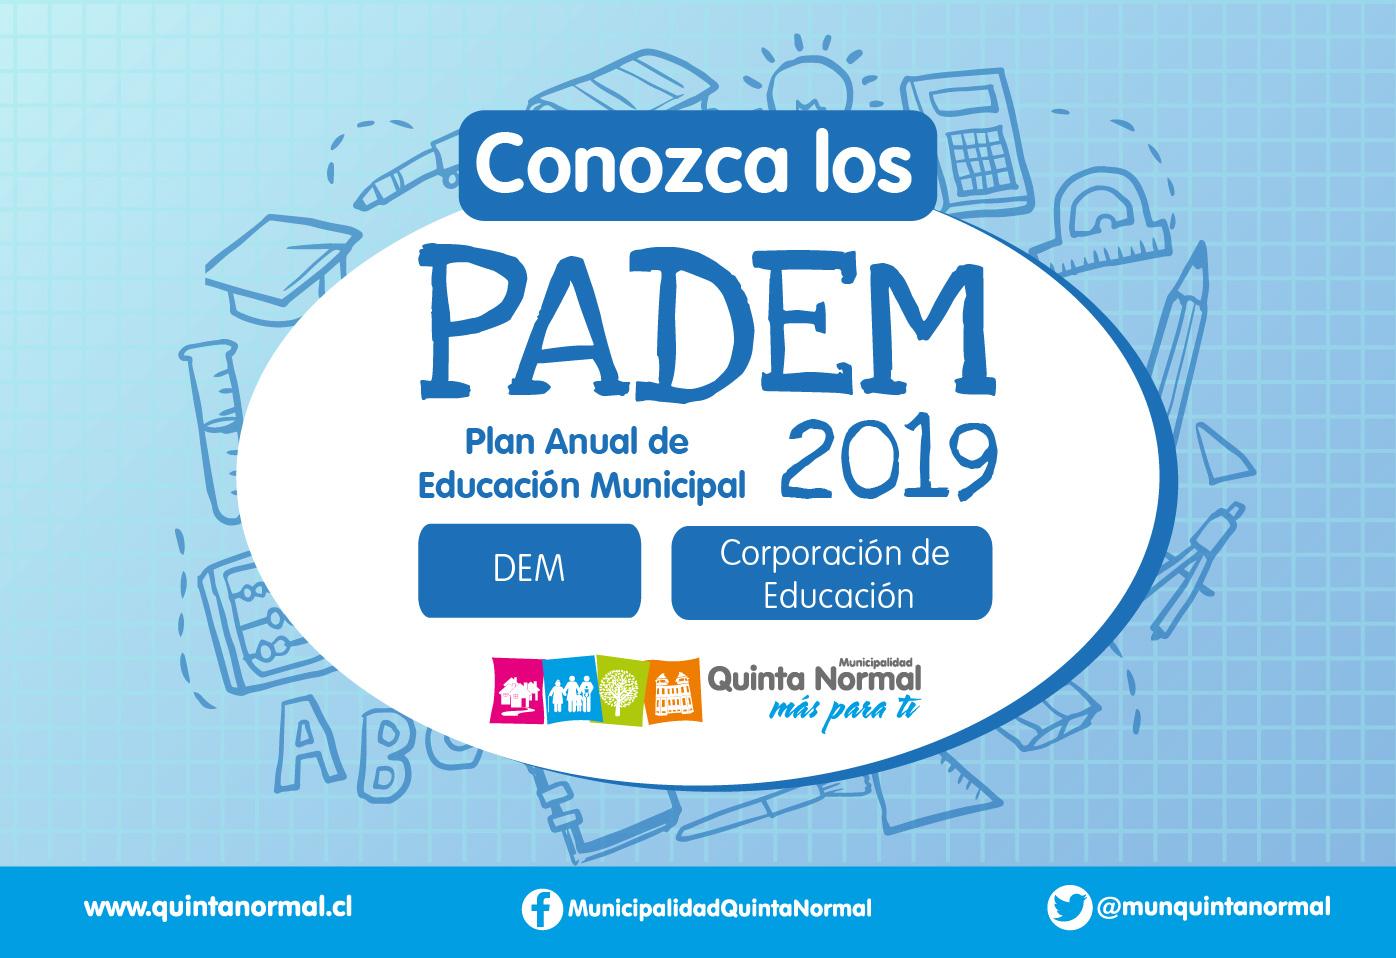 Leer los PADEM 2019